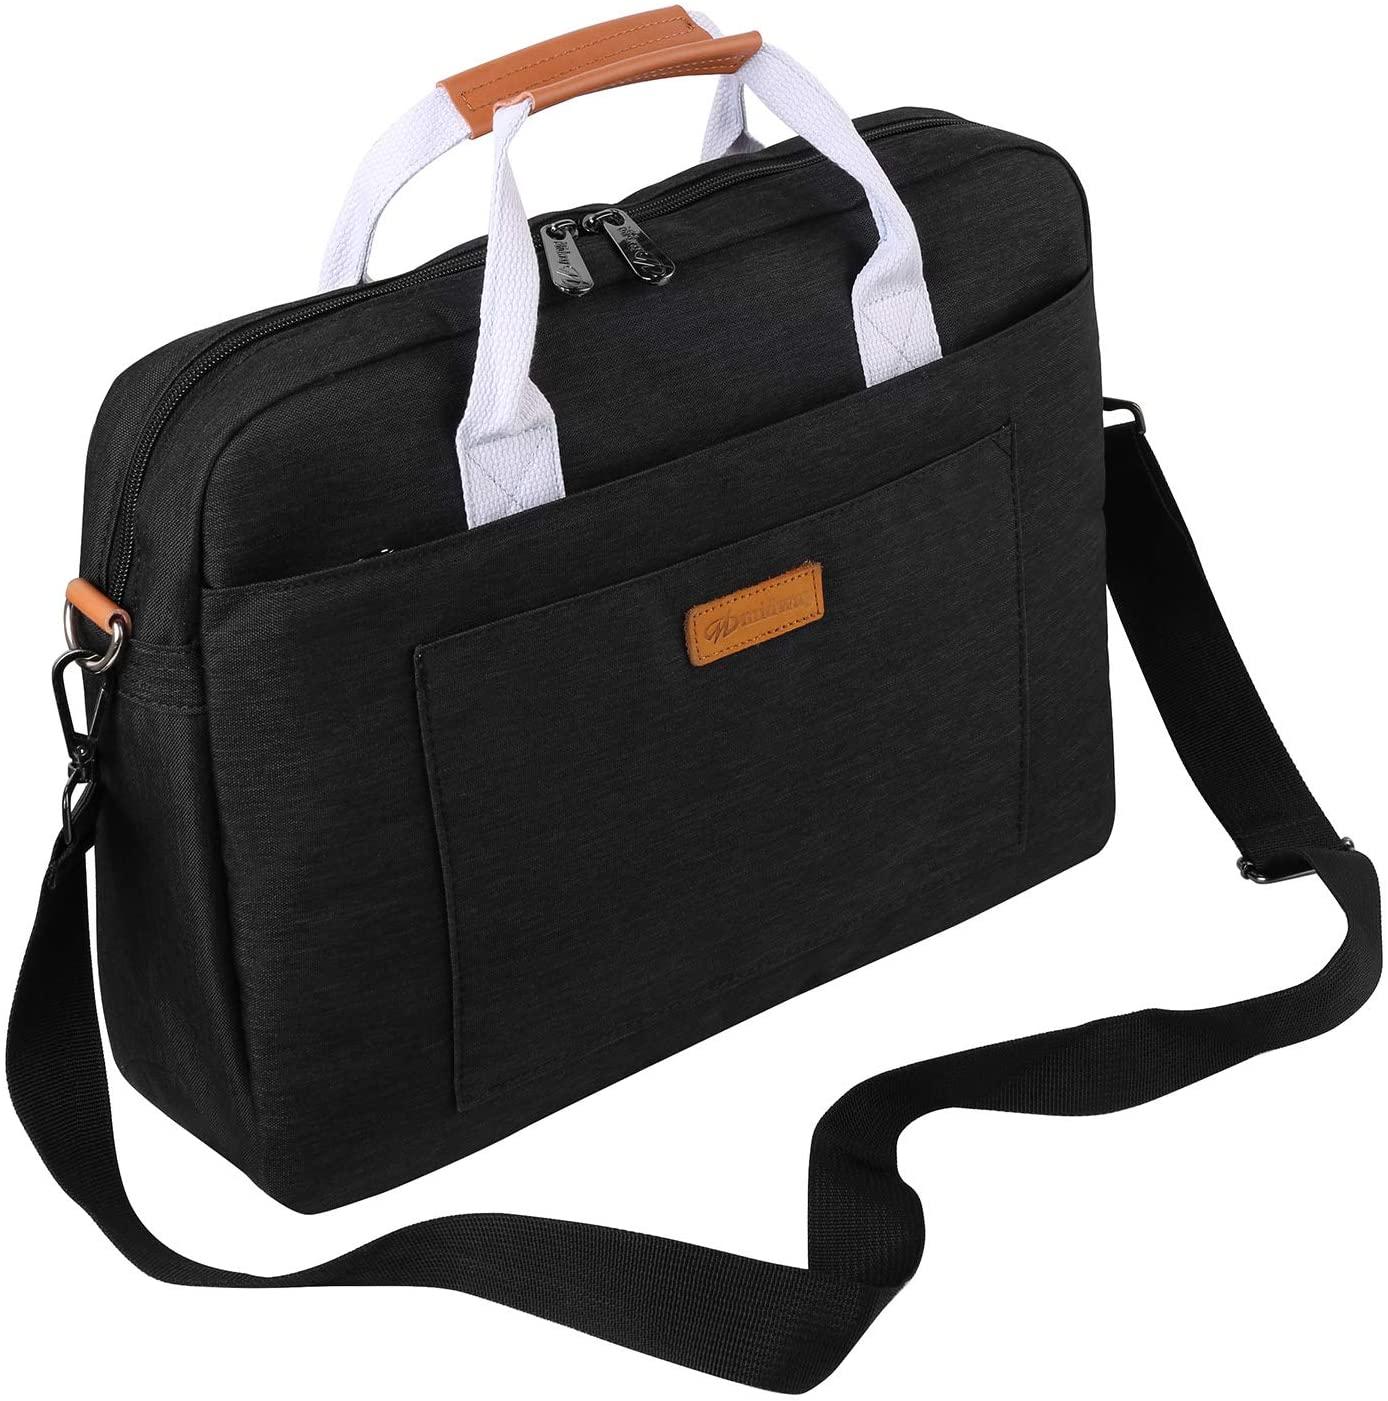 Portable Carrying Shoulder Handbag for Asus Chromebook, ExpertBook, ROG Zephryus